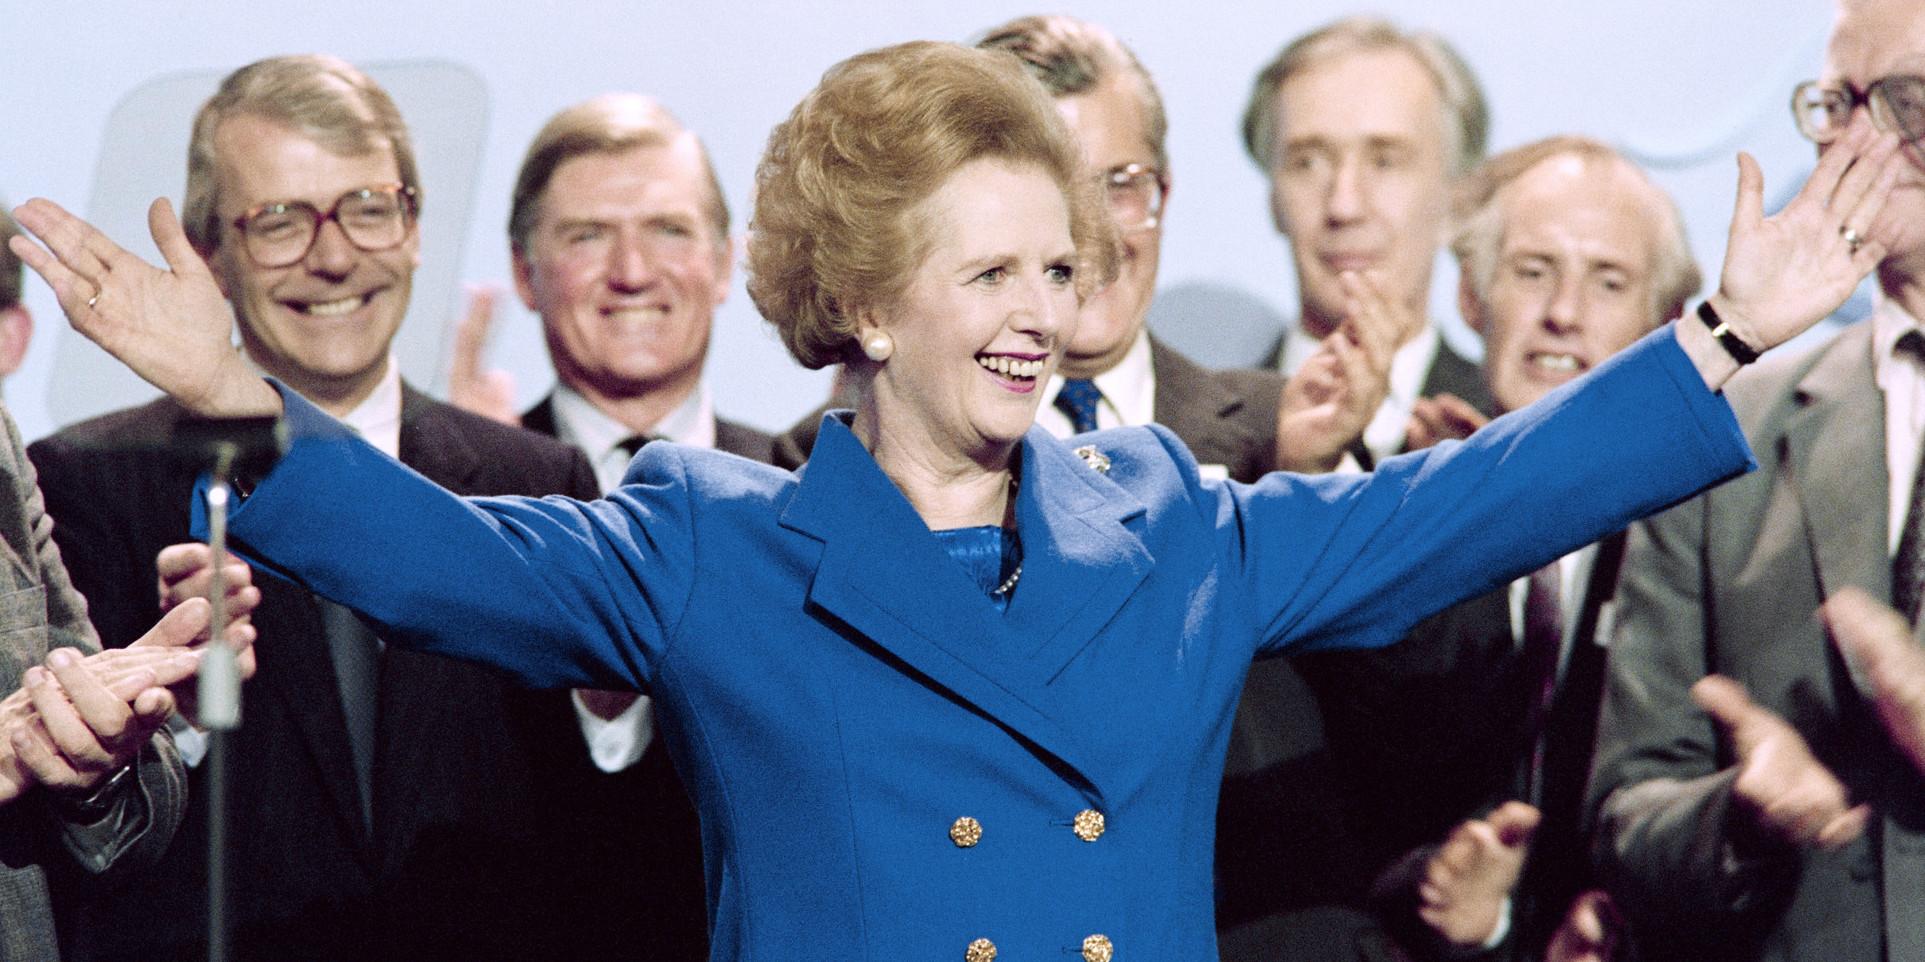 Margaret Thatcher, octobre 1989 à la fin d'une réunion politique  © JOHNNY EGGITT / AFP